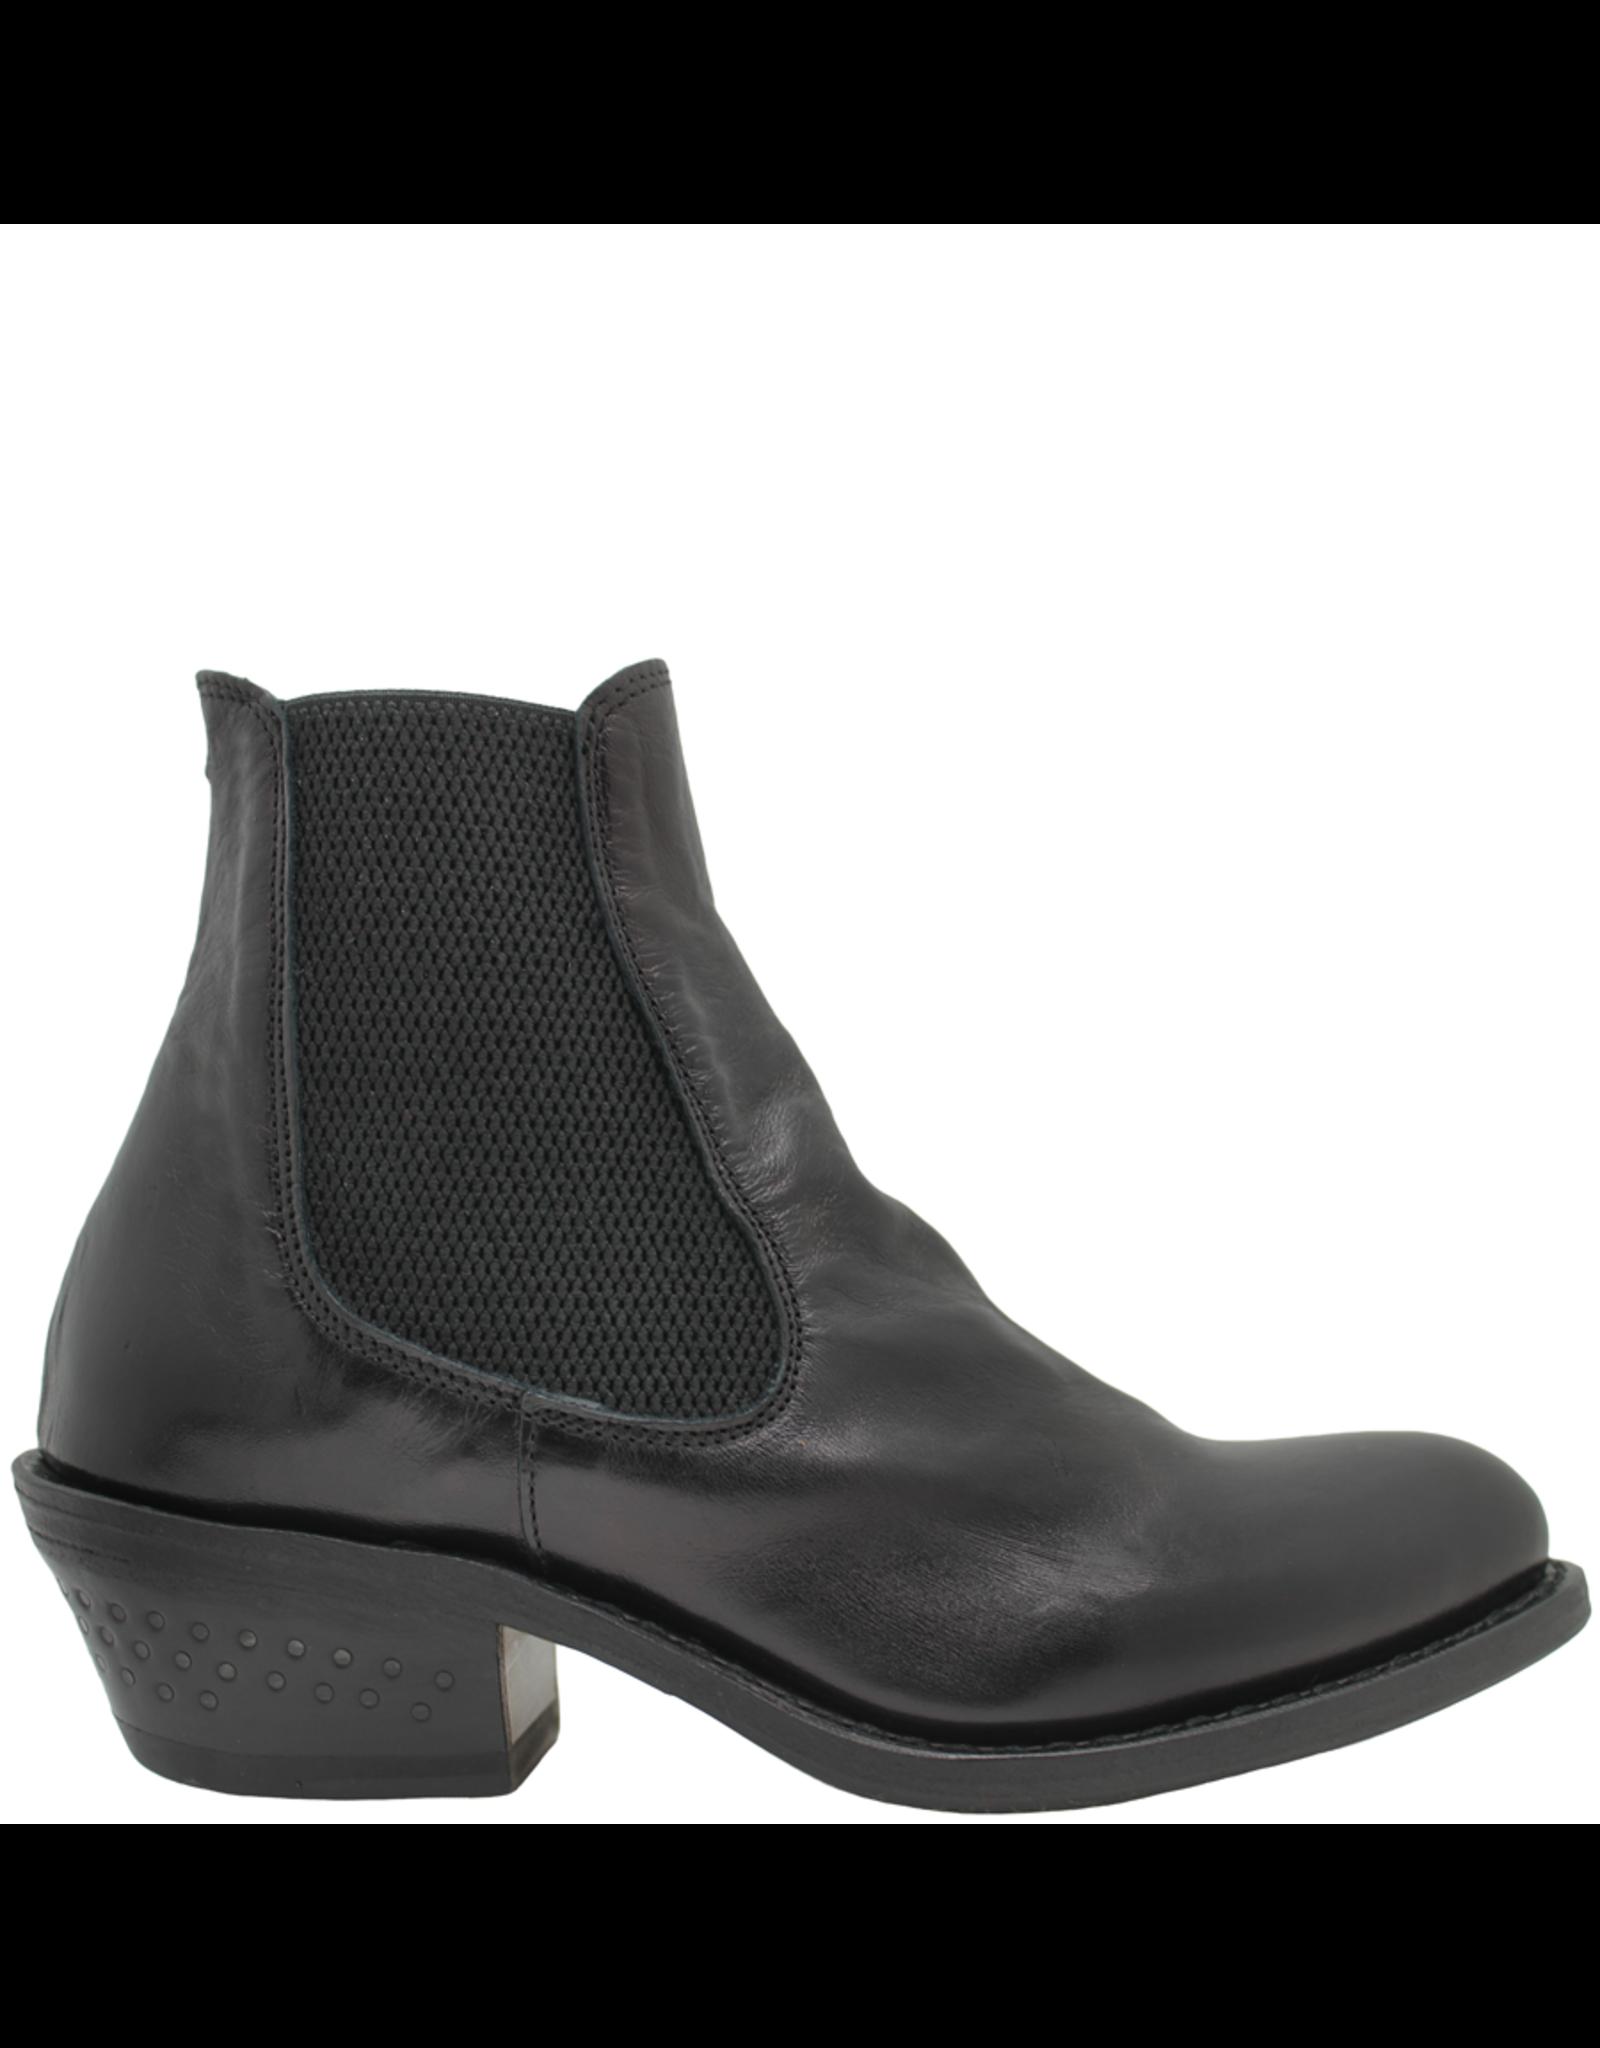 Fiorentini+Baker Fiorentini+Baker Black Chelsea Stud Detailed Heel Roxy